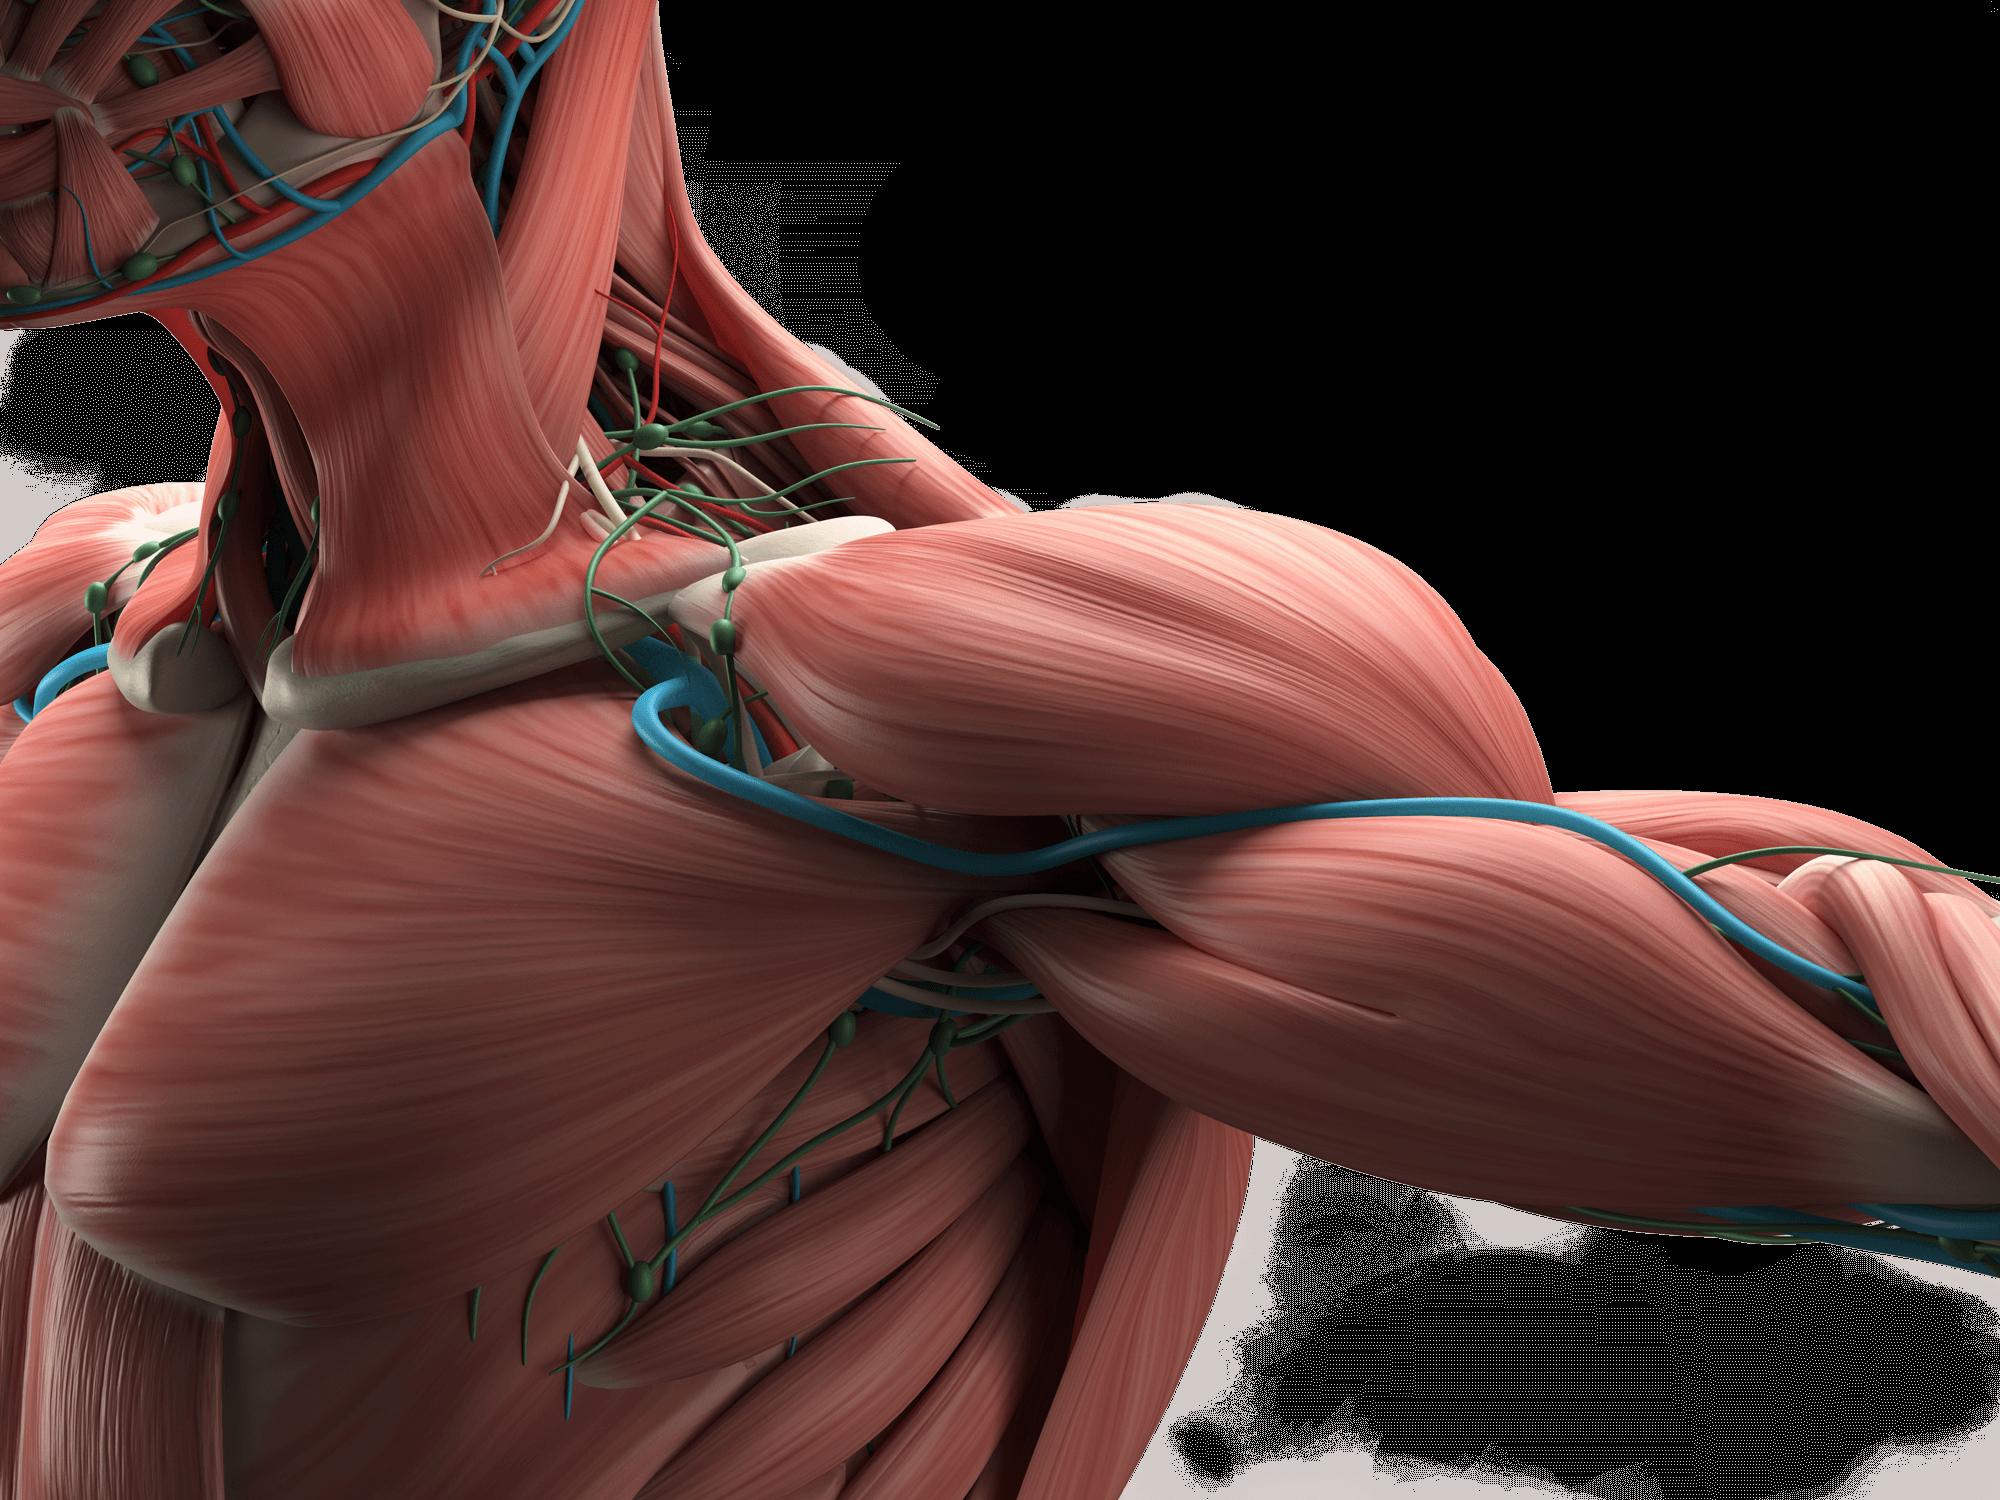 L'anatomie de l'épaule